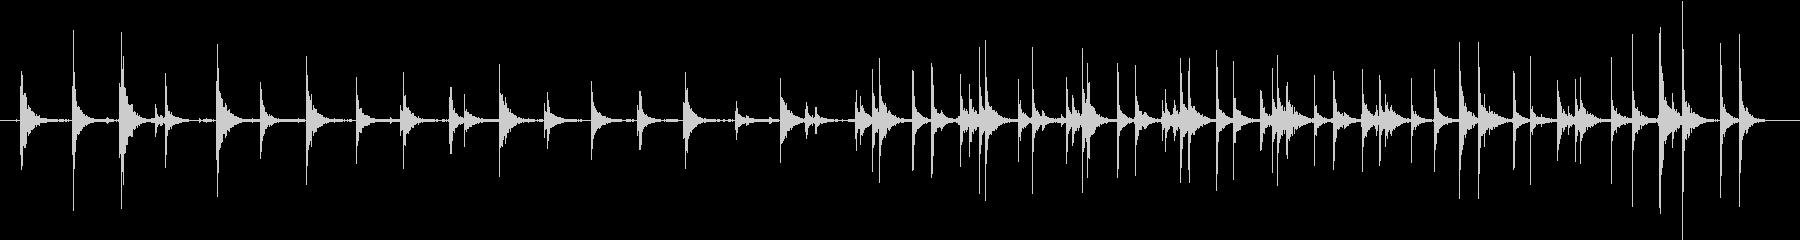 シングルタップダンサー:つま先、ダ...の未再生の波形